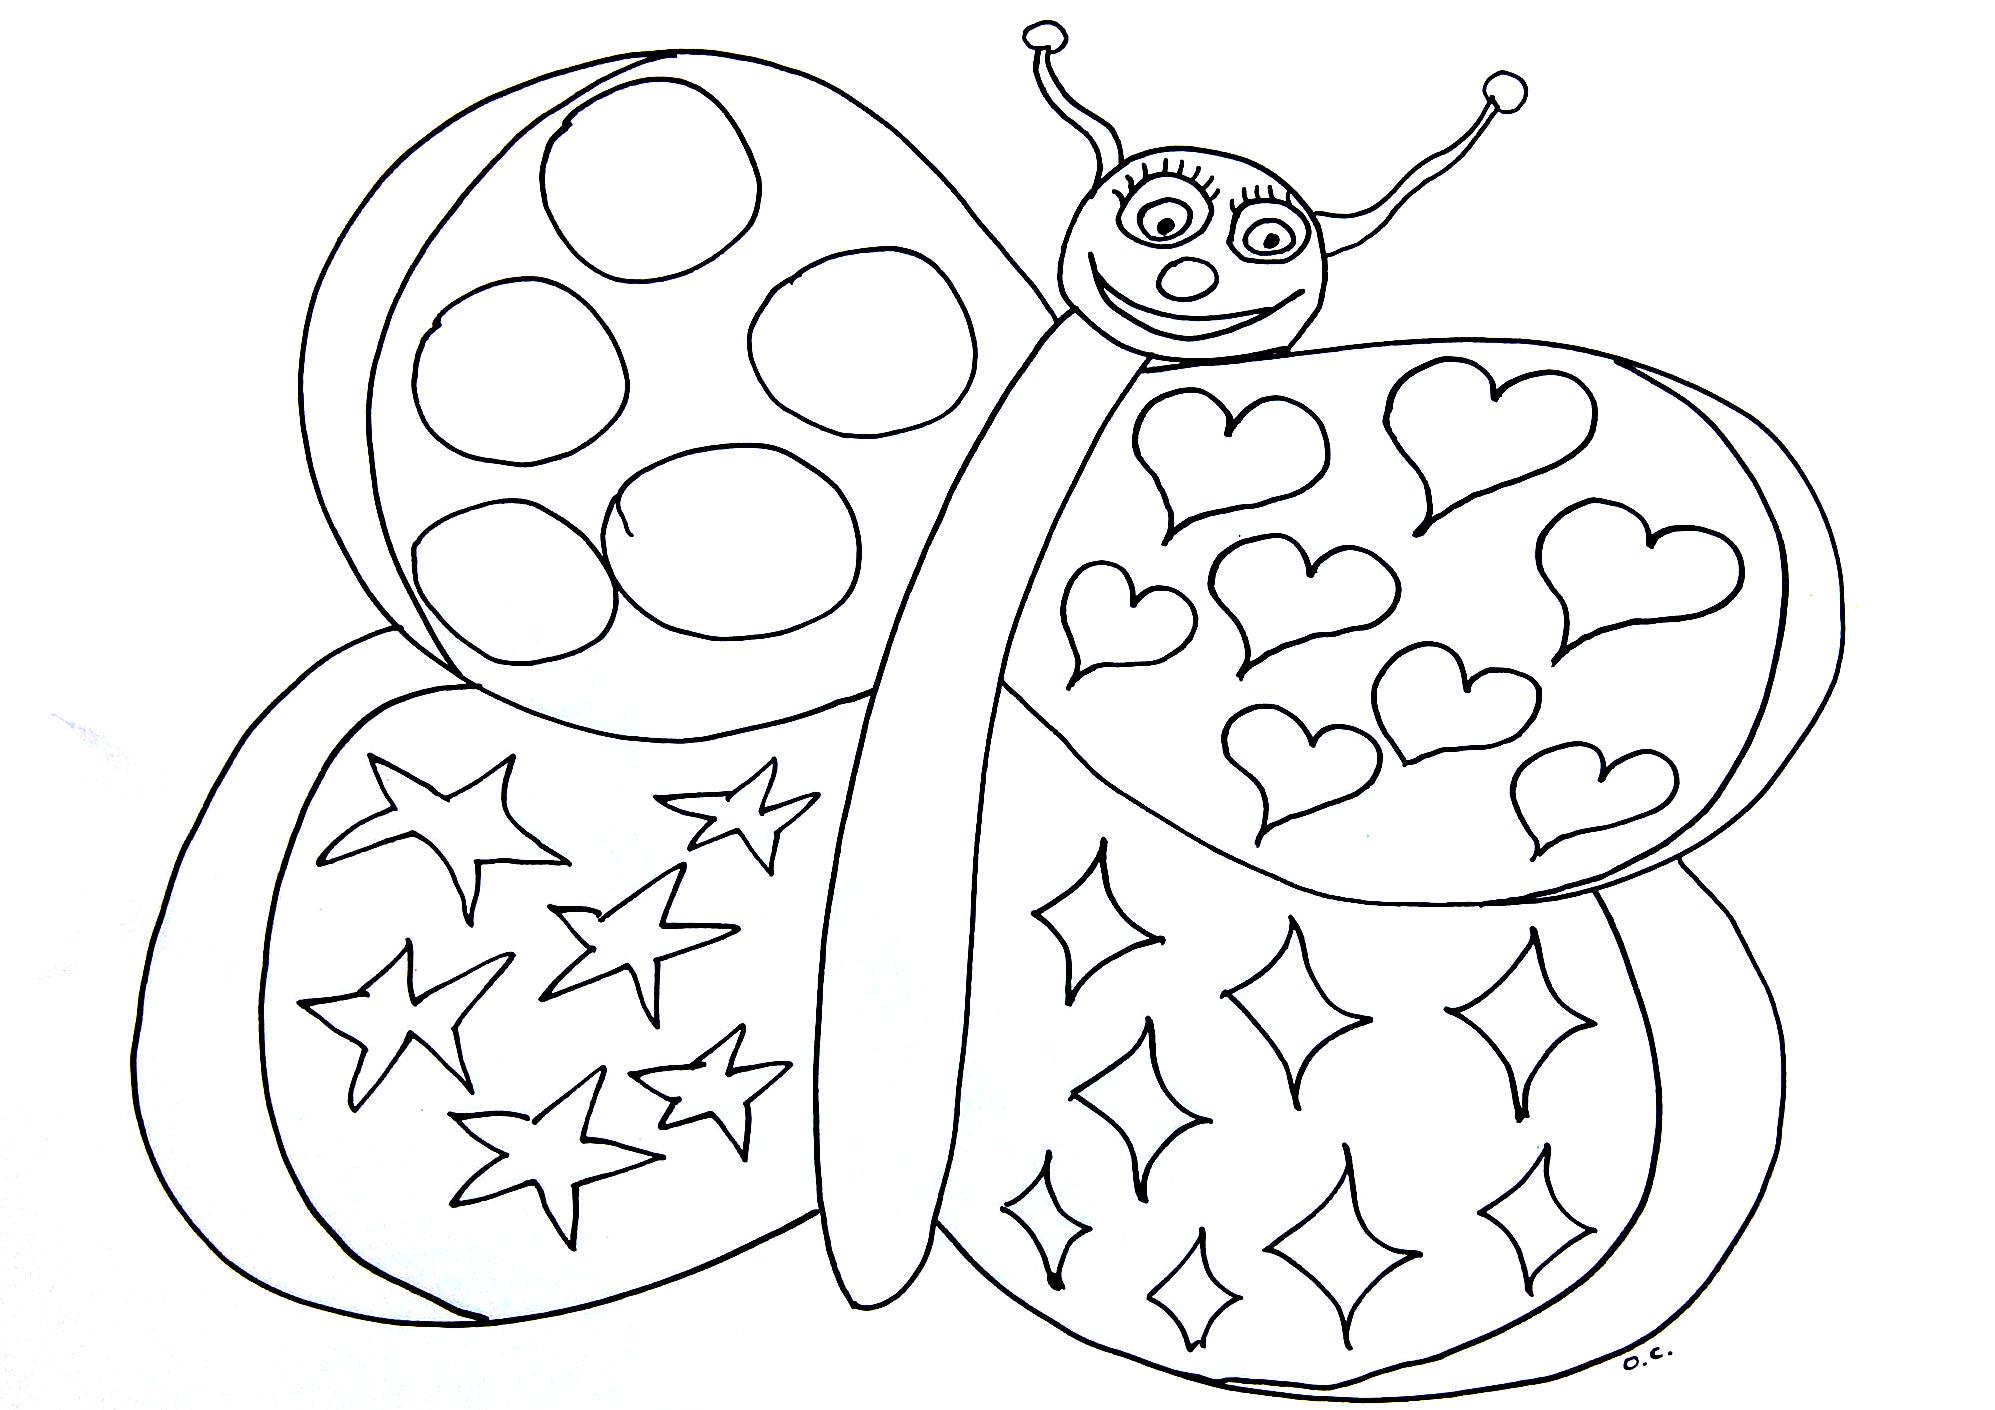 Papillon coeurs coloriage de papillons coloriages pour - Imprimer dessin enfant ...